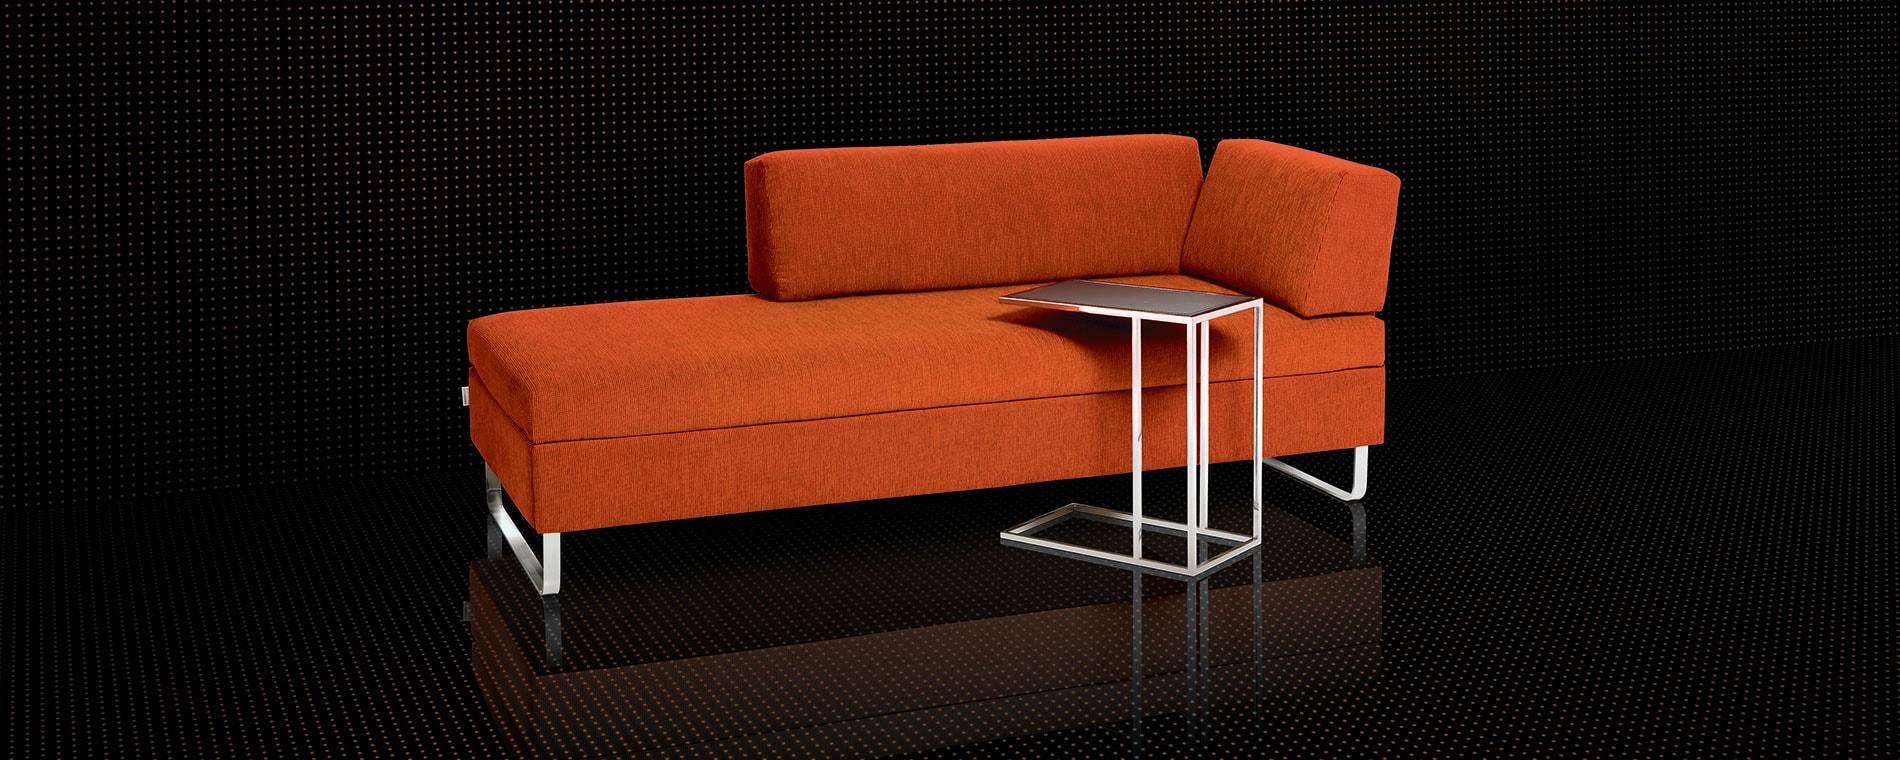 Doppelbett & Sofa kombiniert in Doppio von Swiss Plus